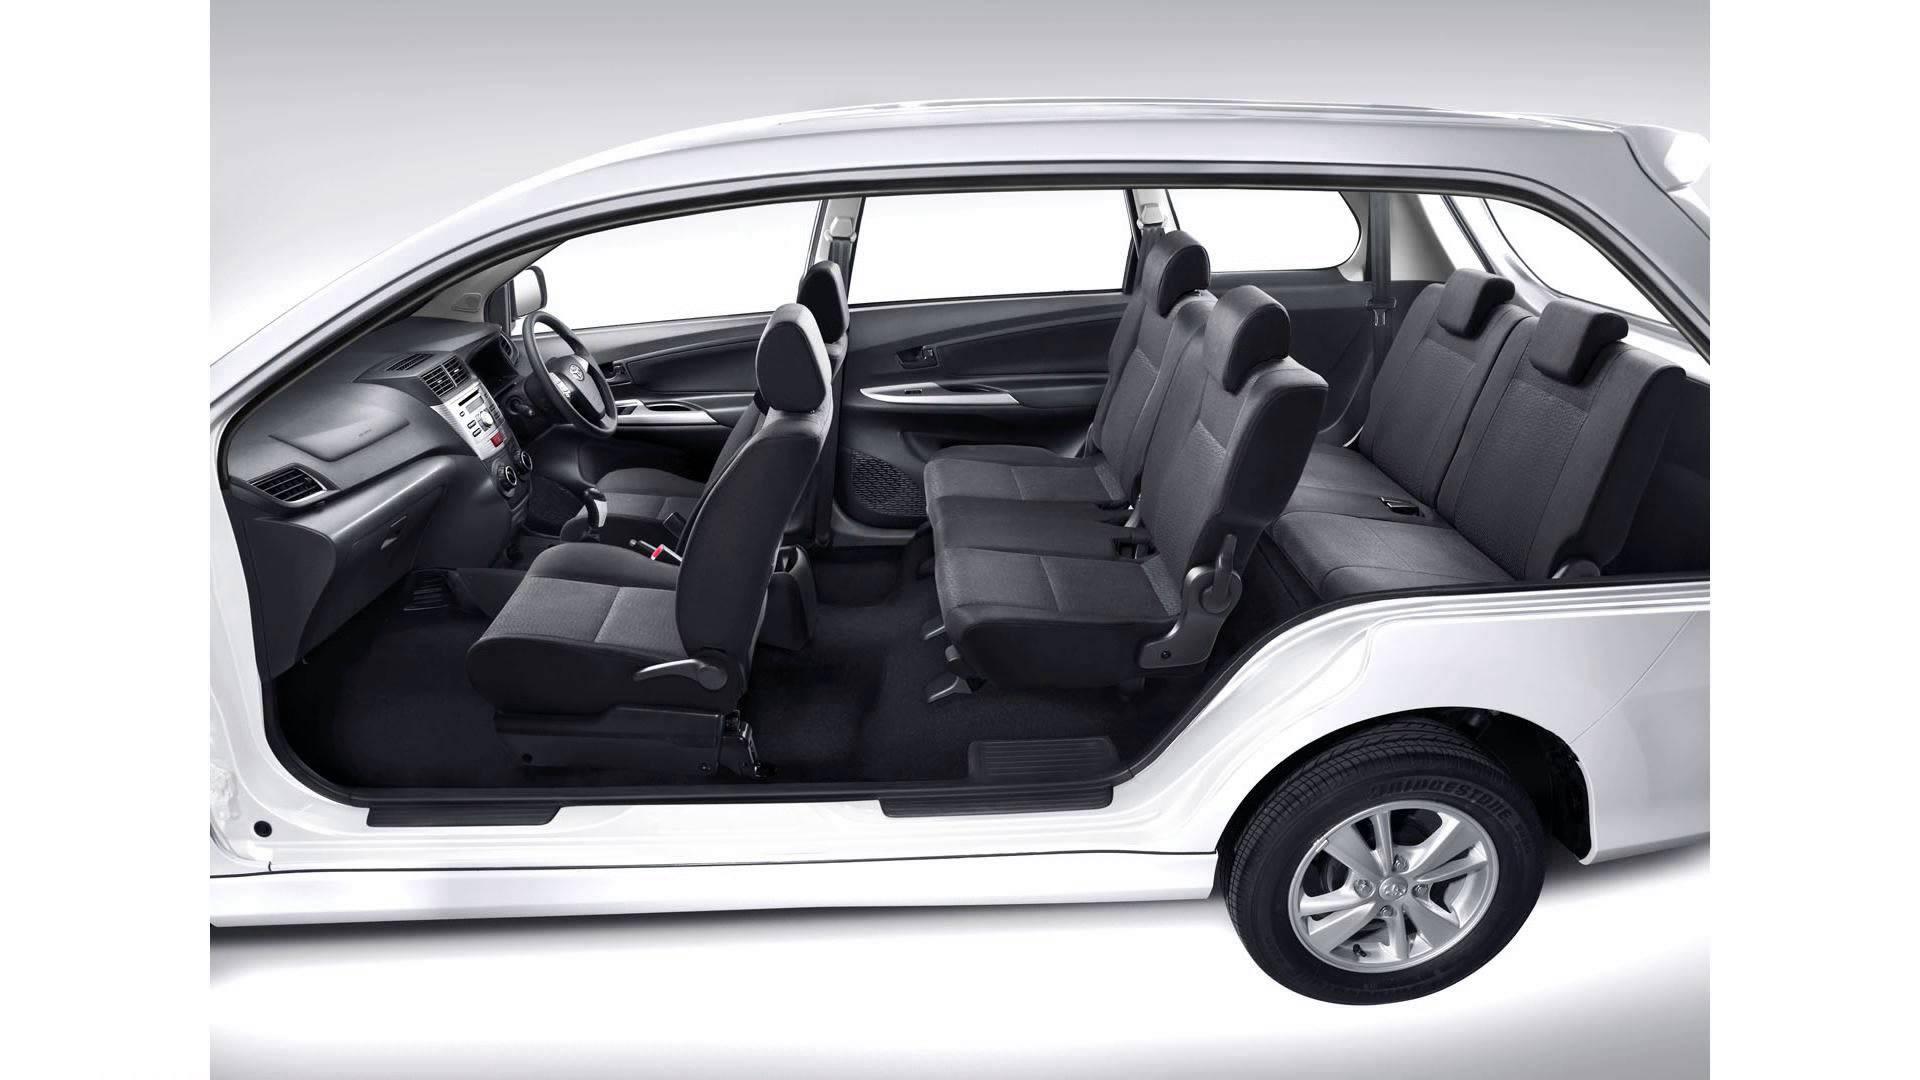 80 modifikasi interior avanza luxury 2017| modifikasi mobil avanza